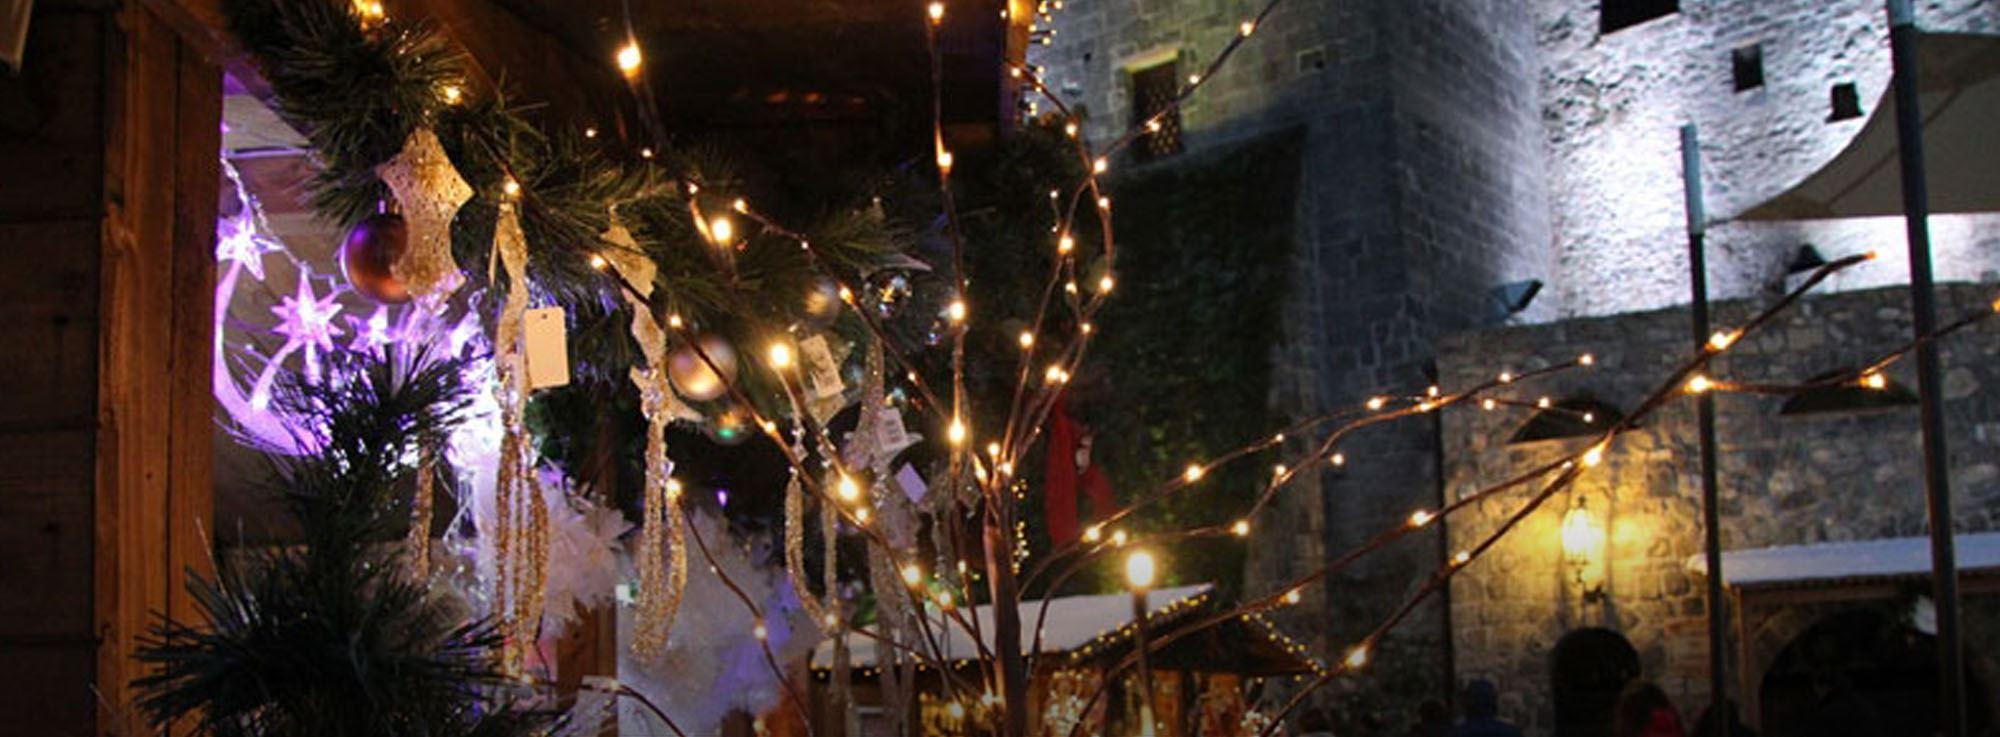 Manfredonia: Il Mercatino di Natale al Castello